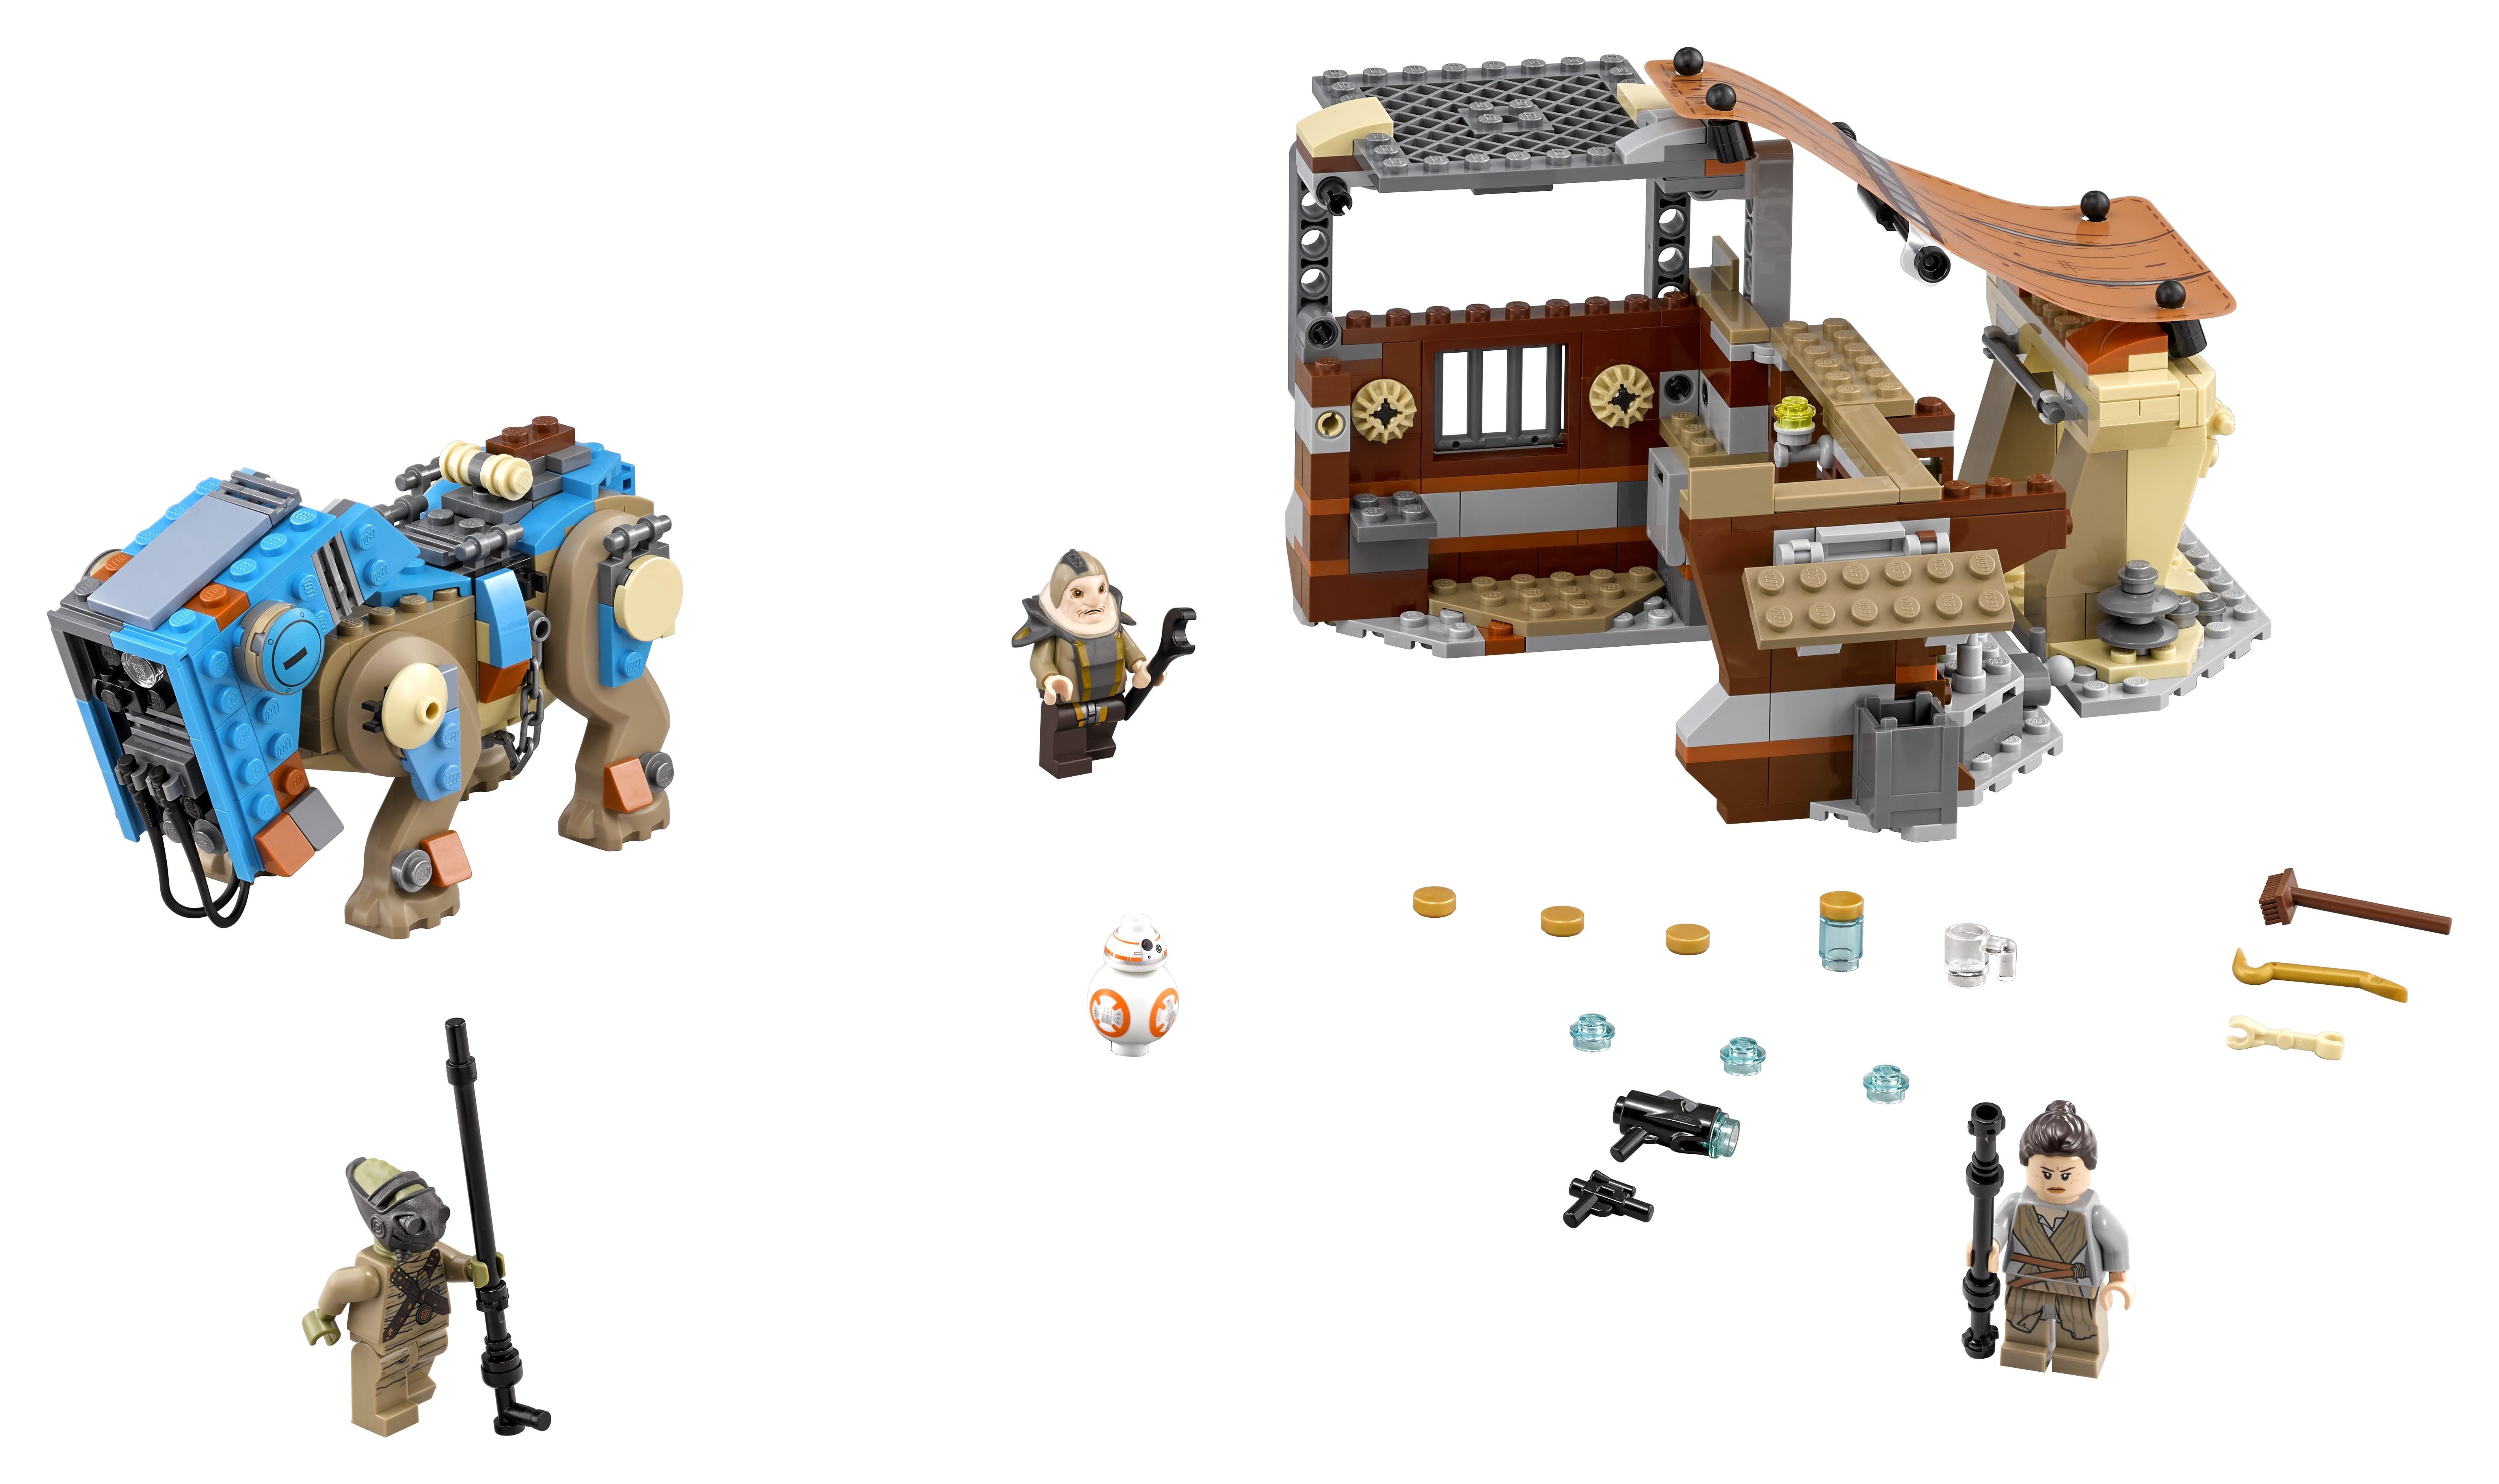 Конструктор LEGO 75148 Столкновение на Джакку конструктор lego столкновение на джакку 75148